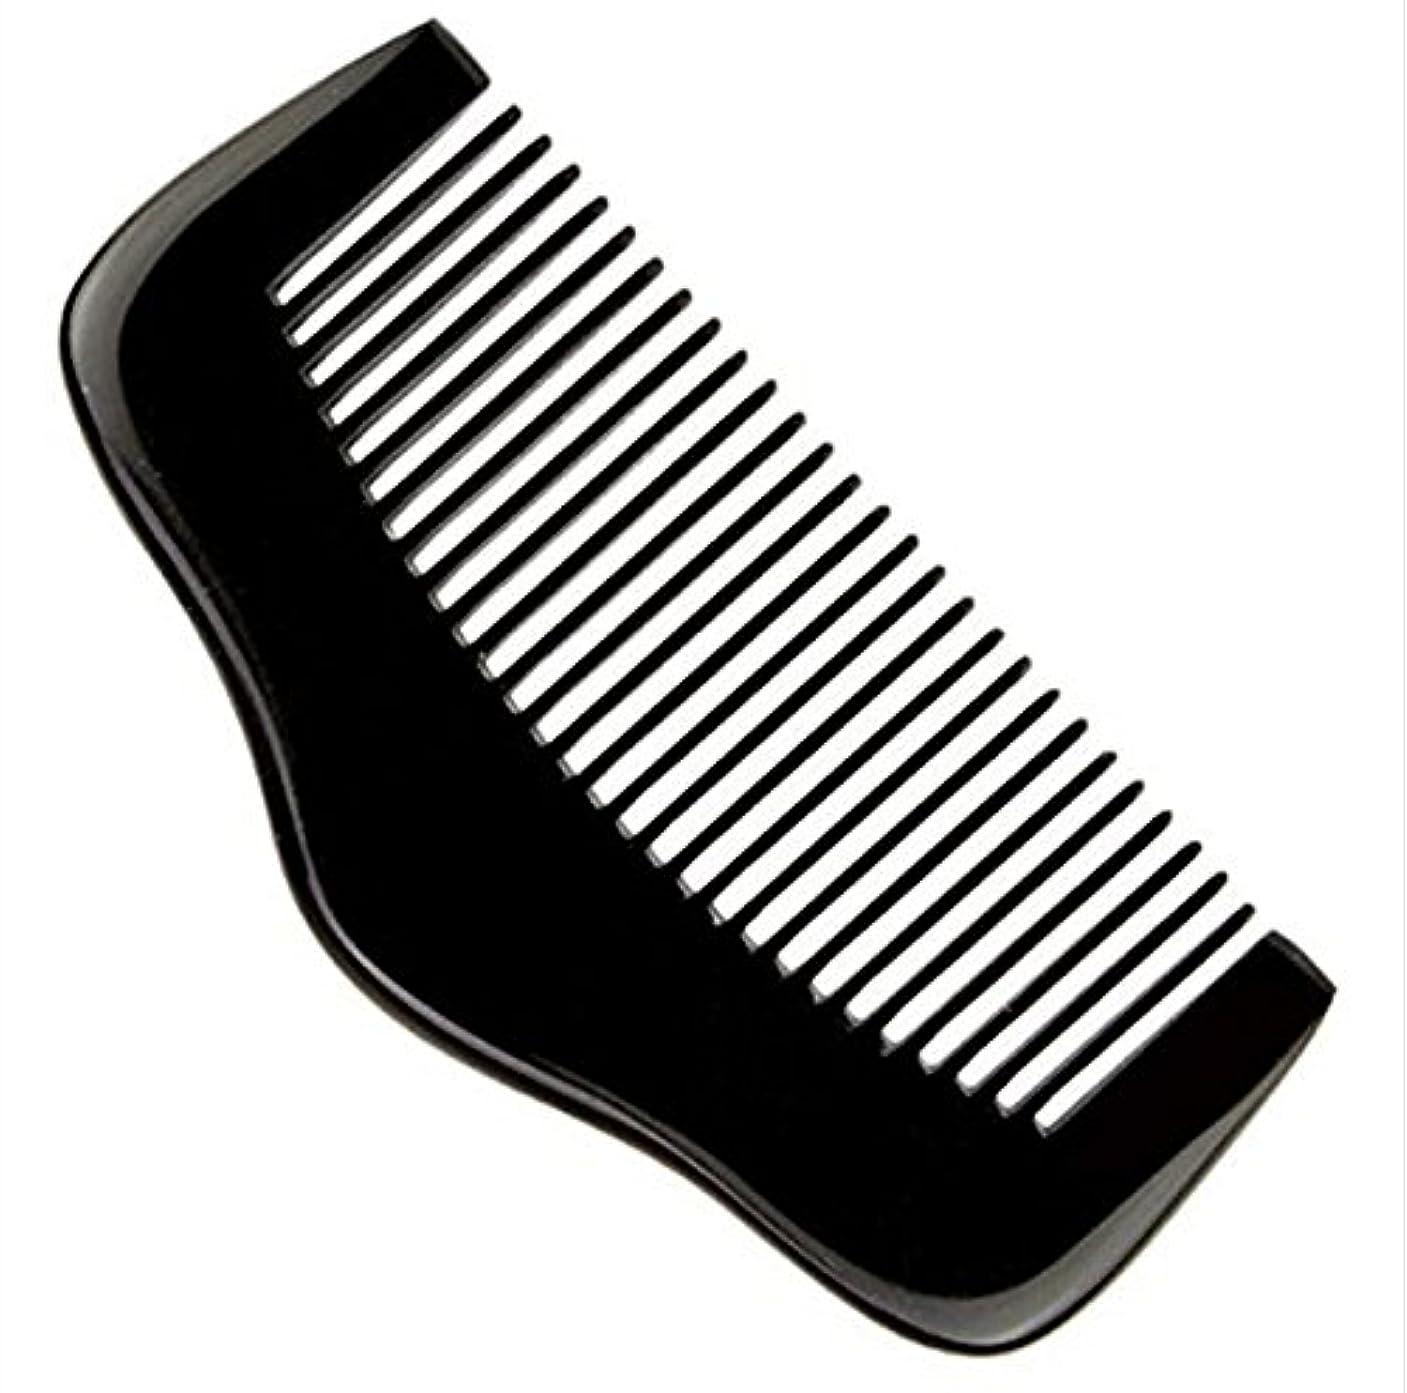 前進不純絶妙櫛型 プロも使う牛角かっさプレート マサージ用 血行改善 高級 天然 静電気 防止 美髪美顔 ボディ リンパマッサージ